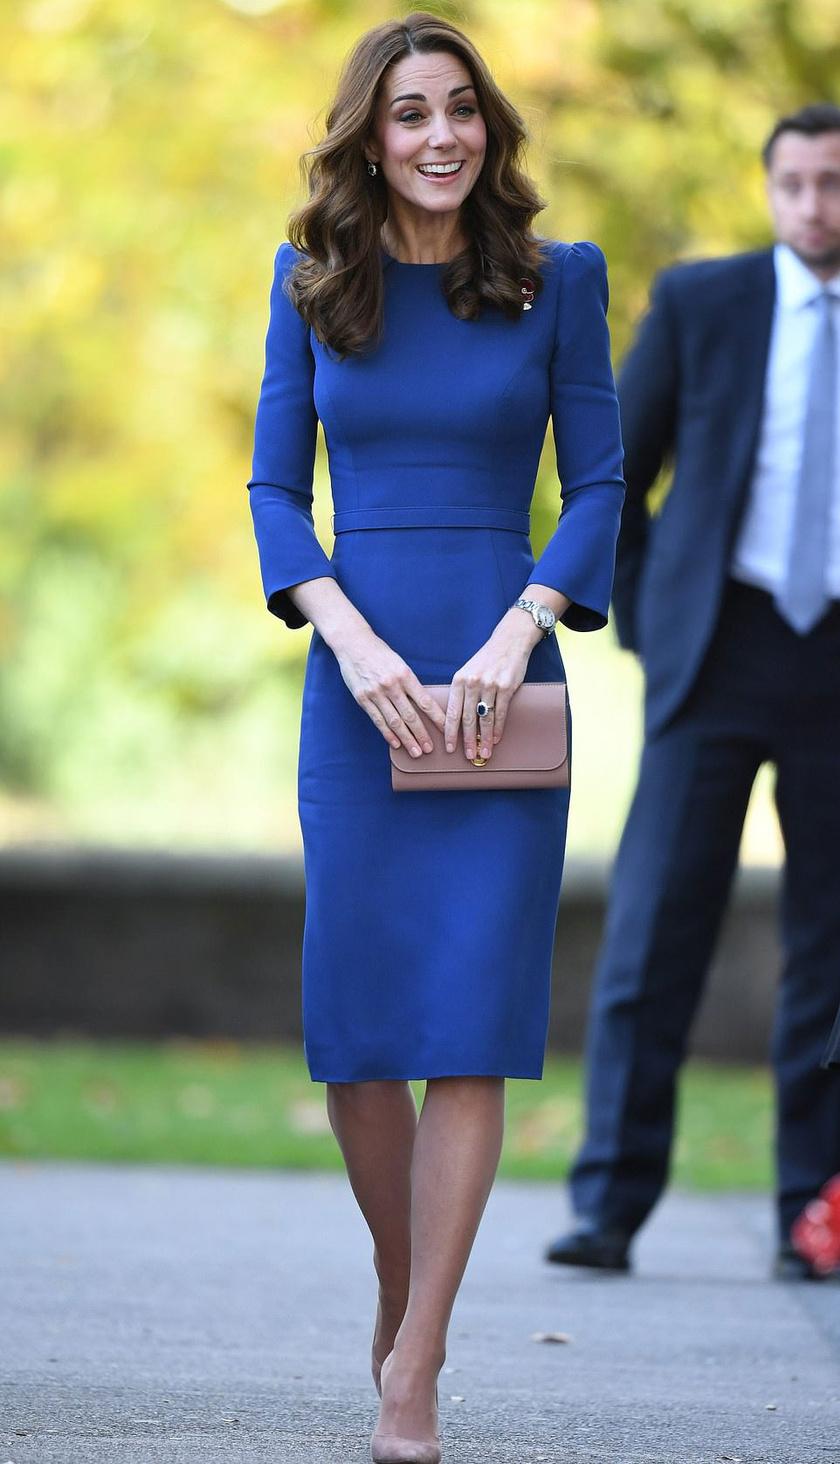 Katalin hercegné nagyon csinos volt, amikor meglátogatta a Birodalmi Hadtörténeti Múzeumot szerdán Londonban.